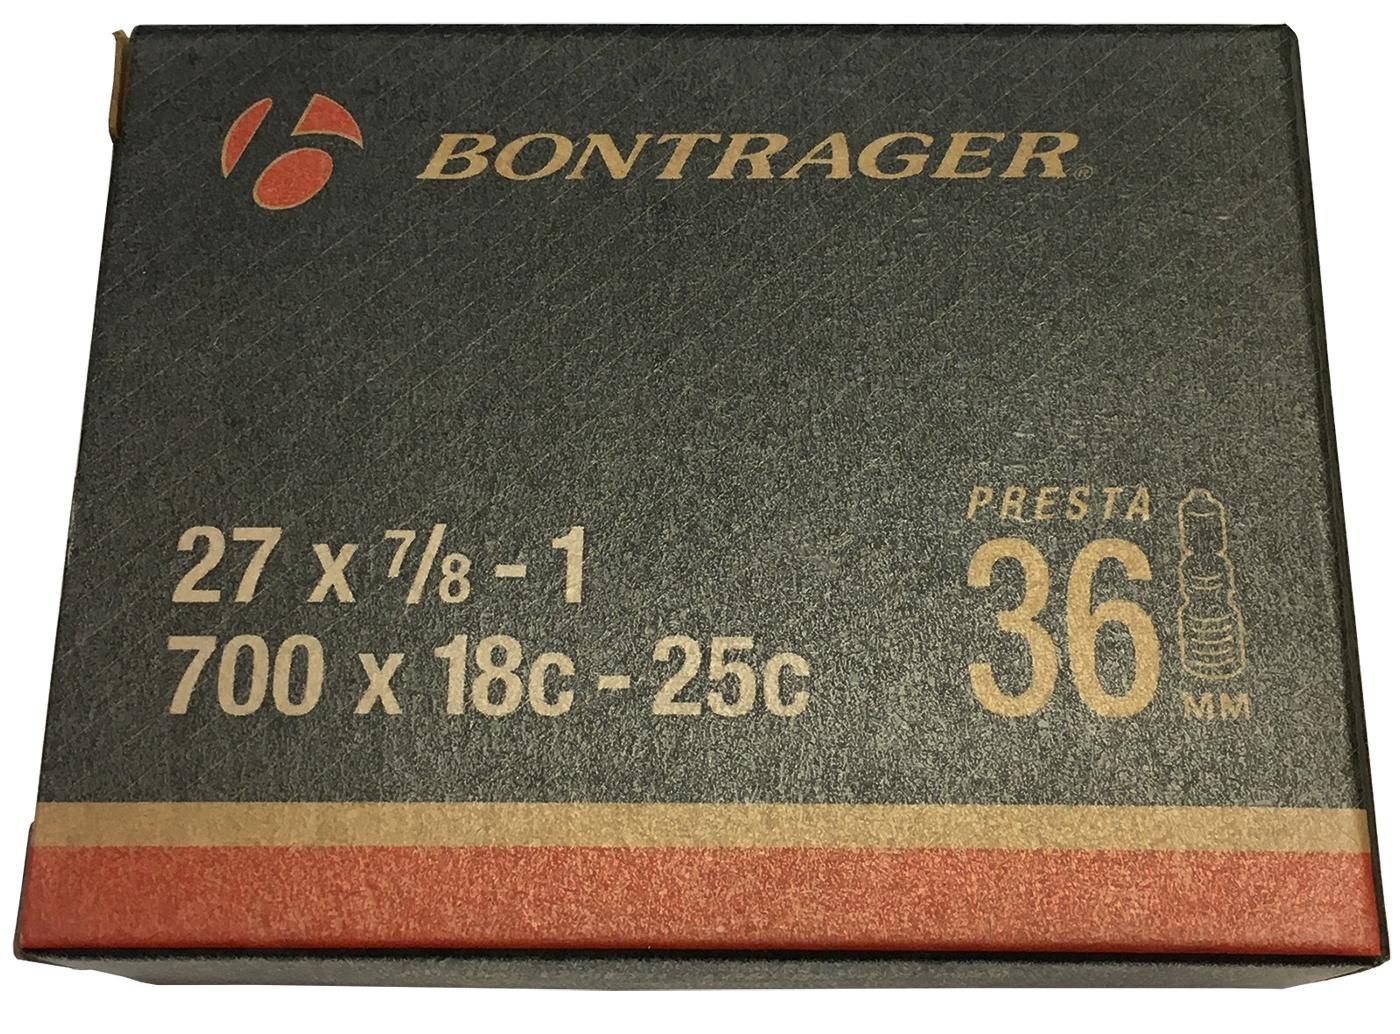 bontrager-700x18-25_1.jpg